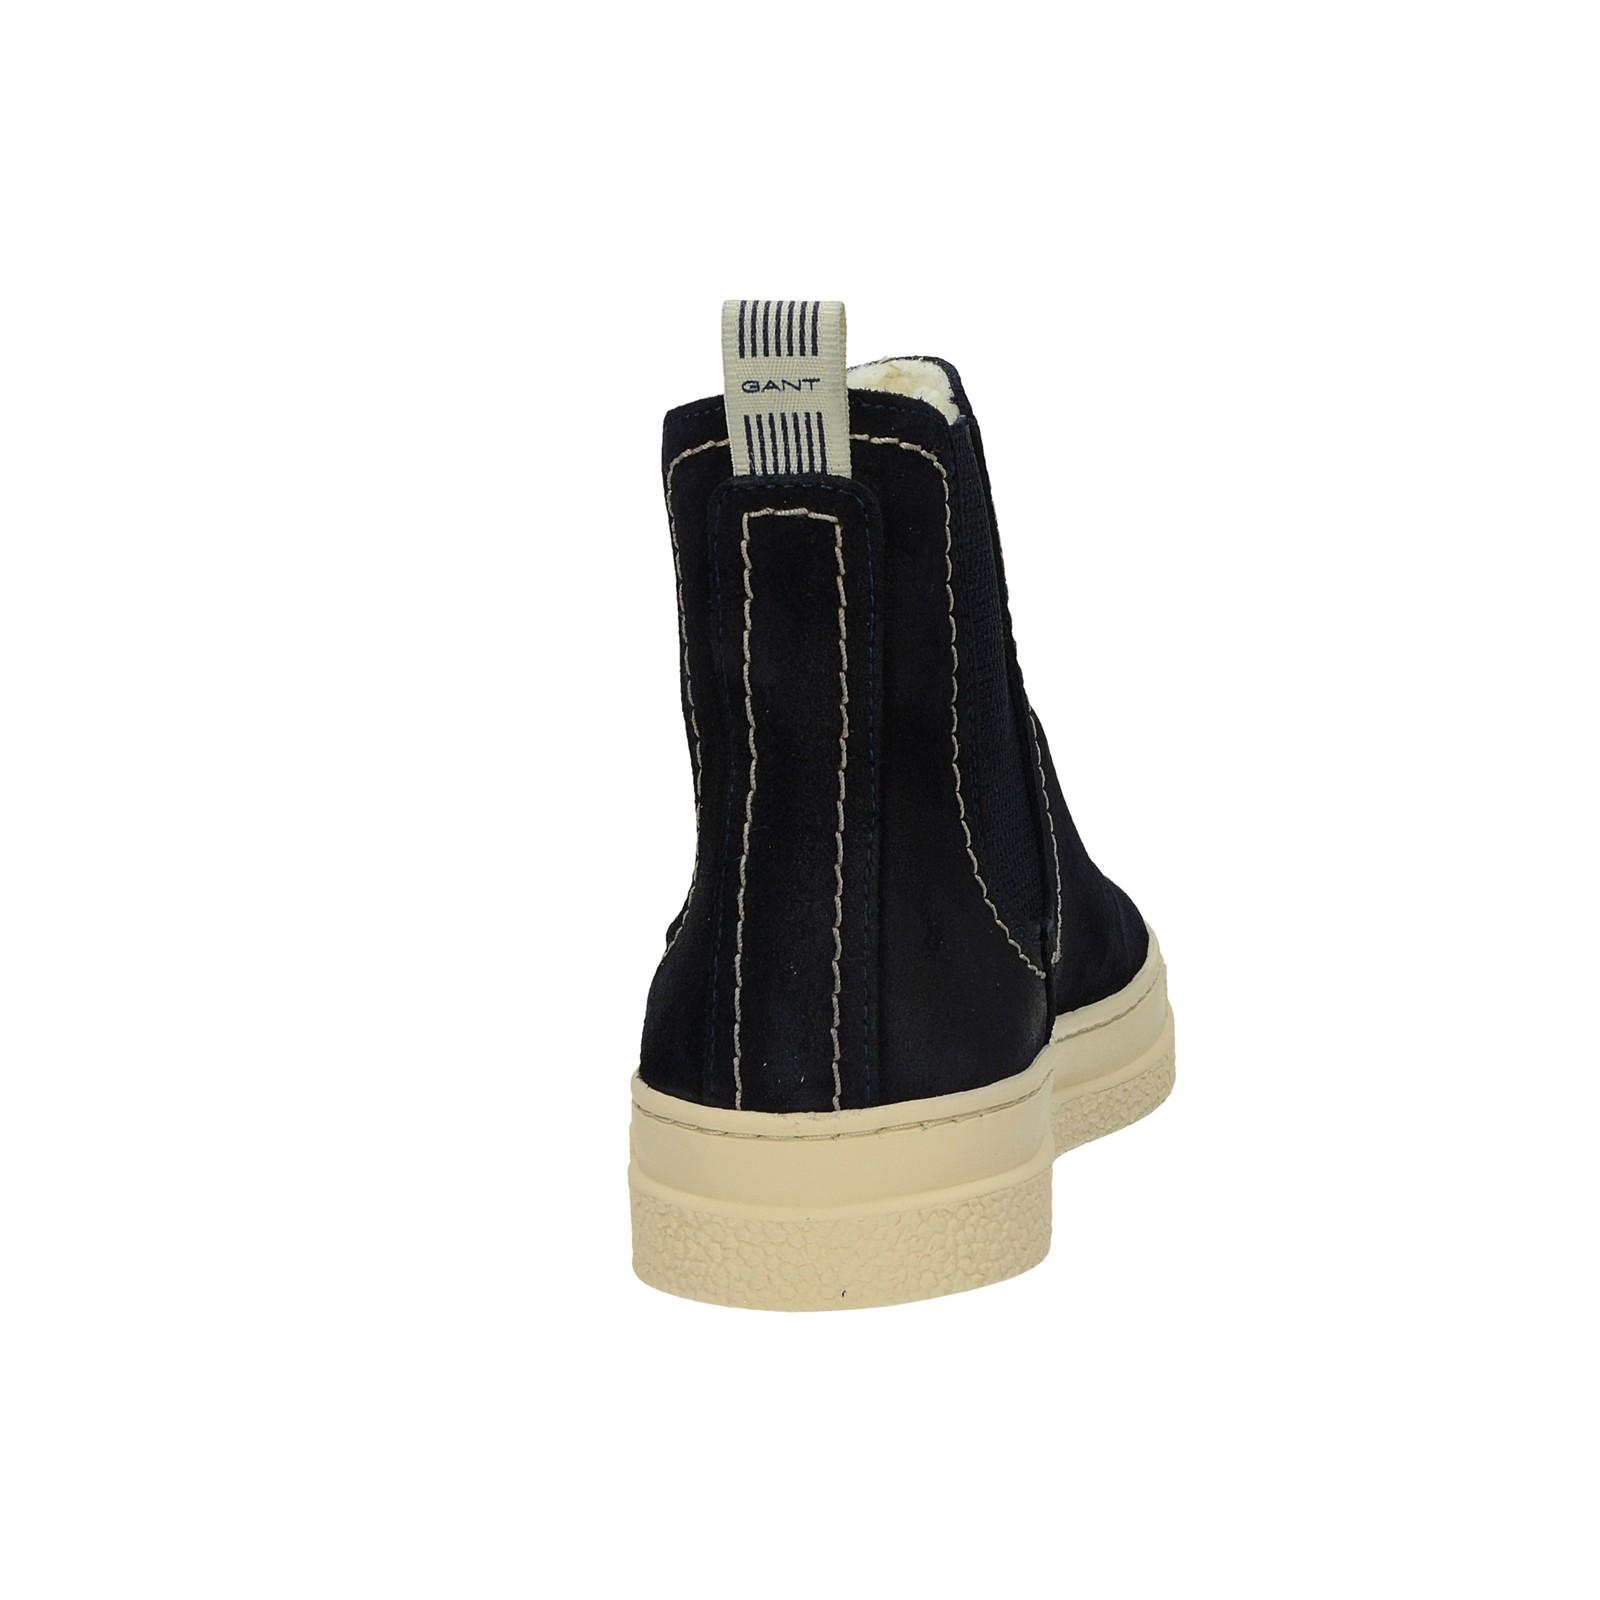 Gant dámske štýlové semišové kotníky - tmavomodré